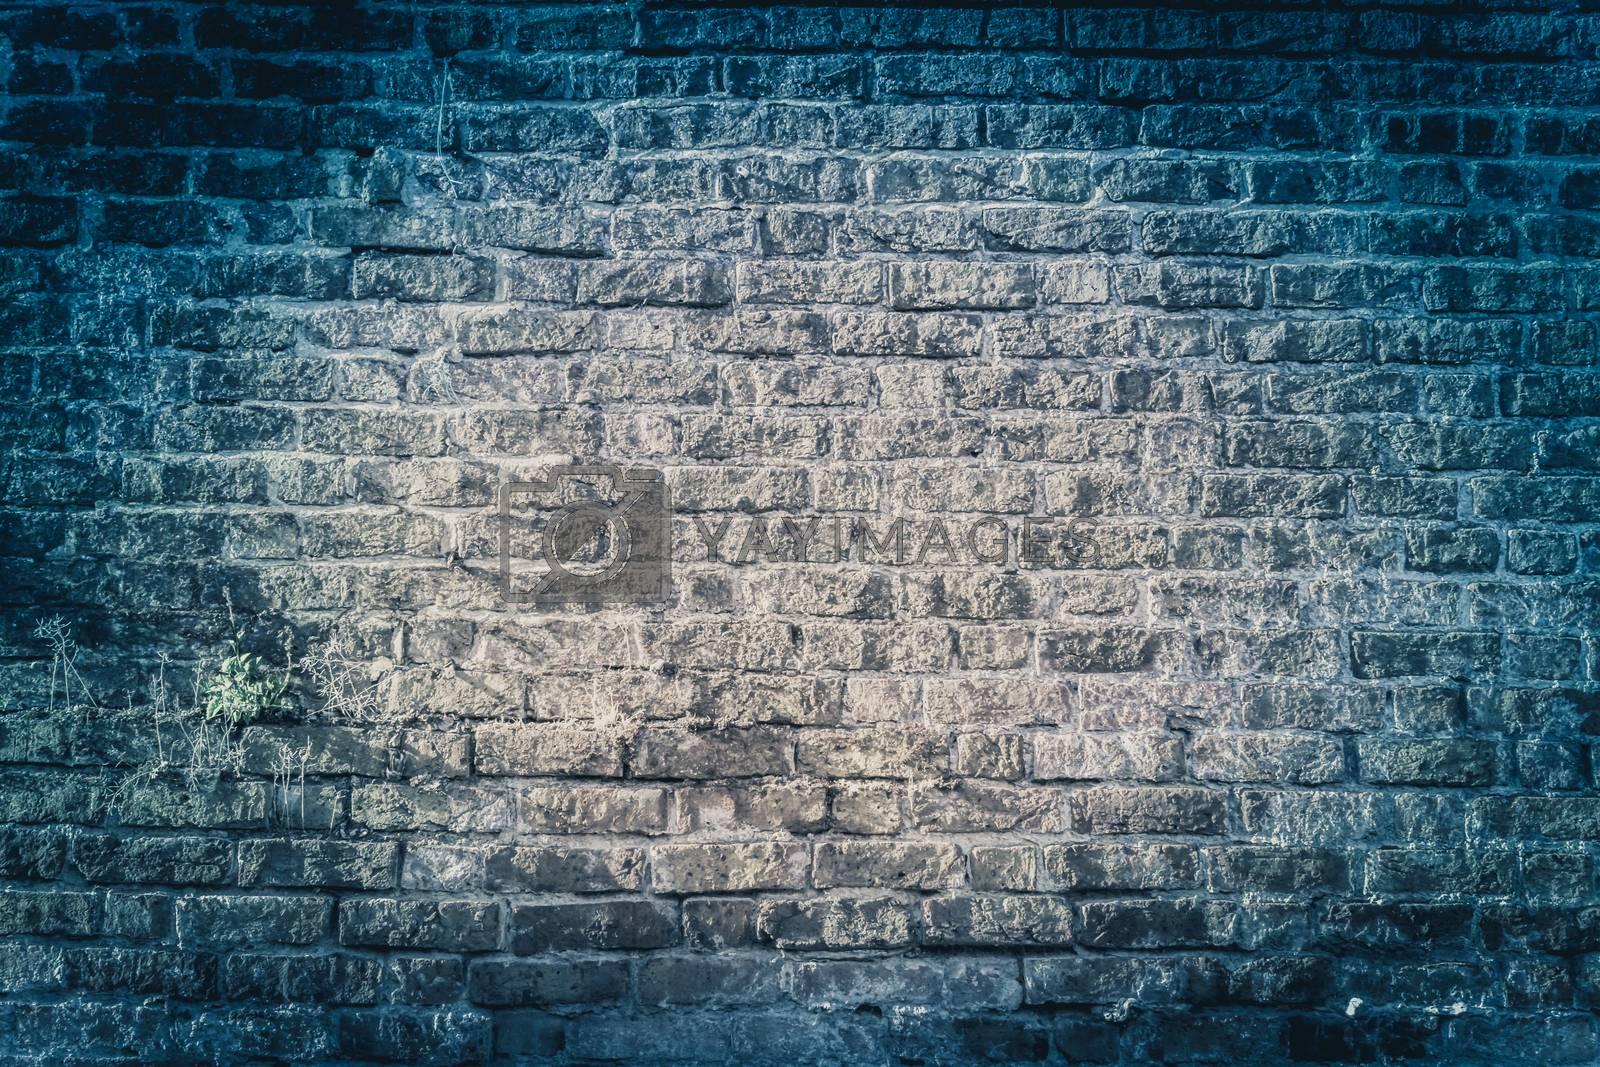 Dark blue grungy bricked wall textured background